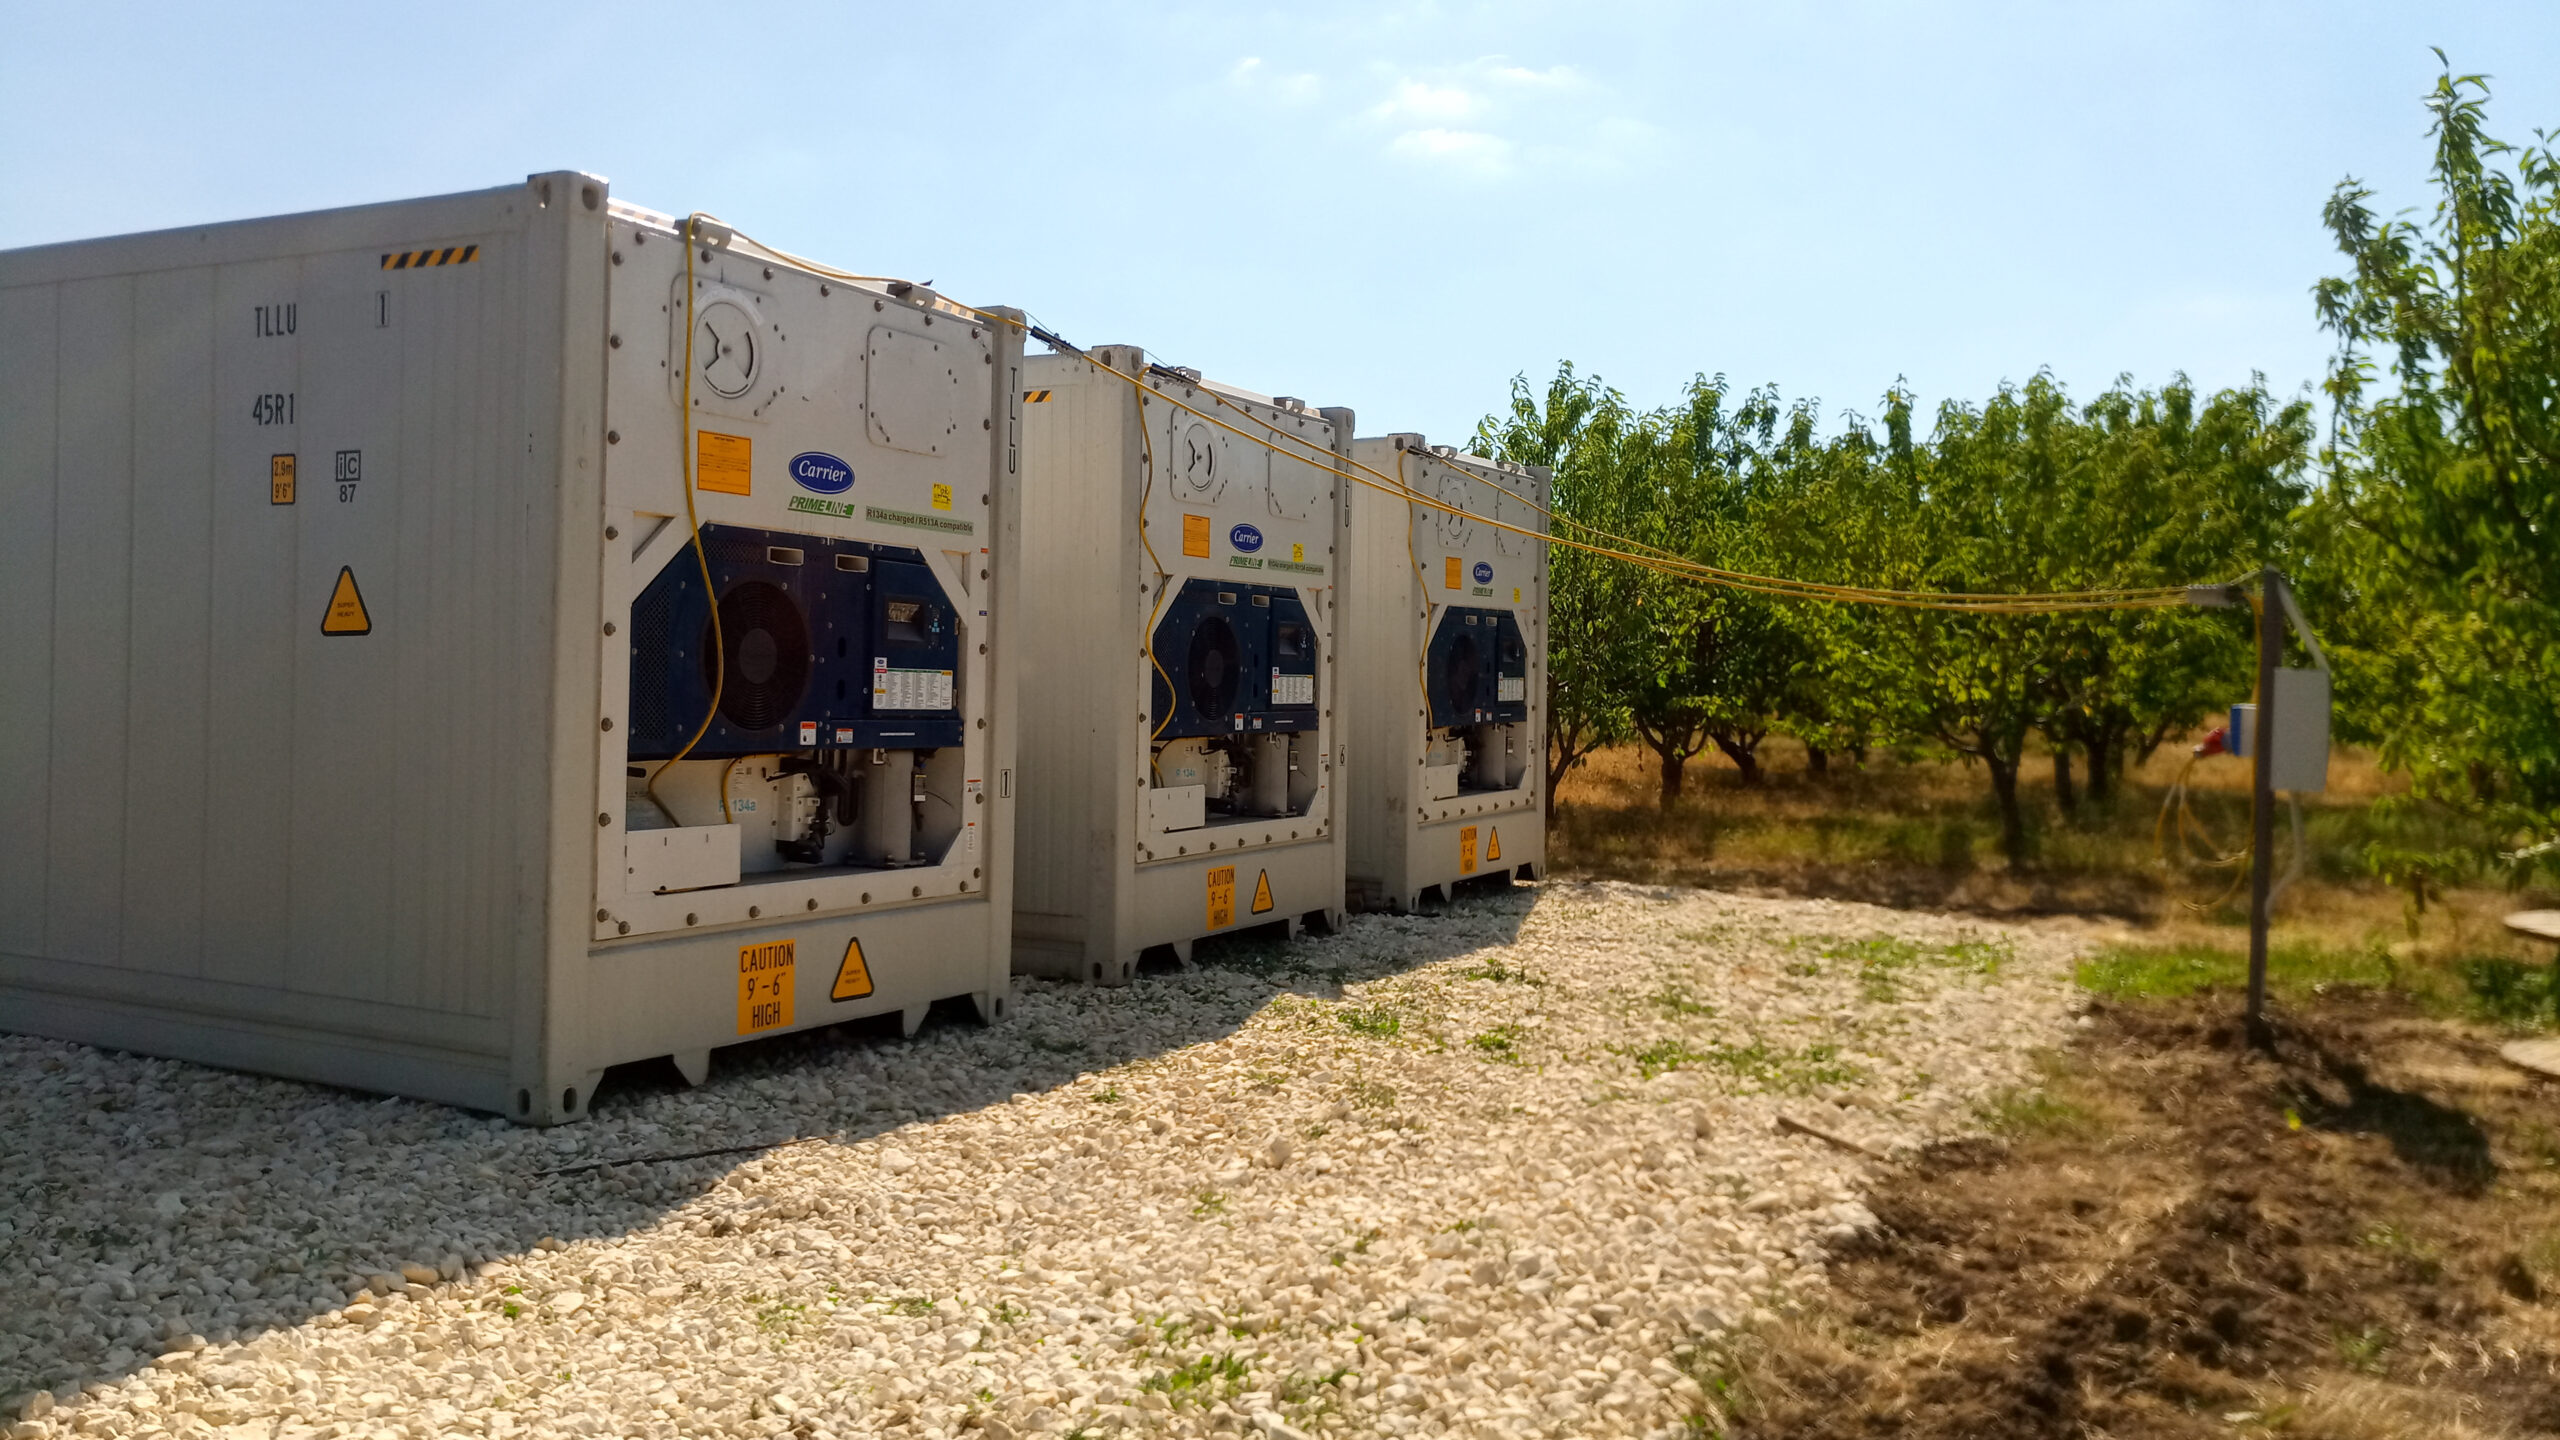 Съхранение на плодове и зеленчуци с помощта на стопанство от хладилни контейнери 2020-08-05 16.13.40